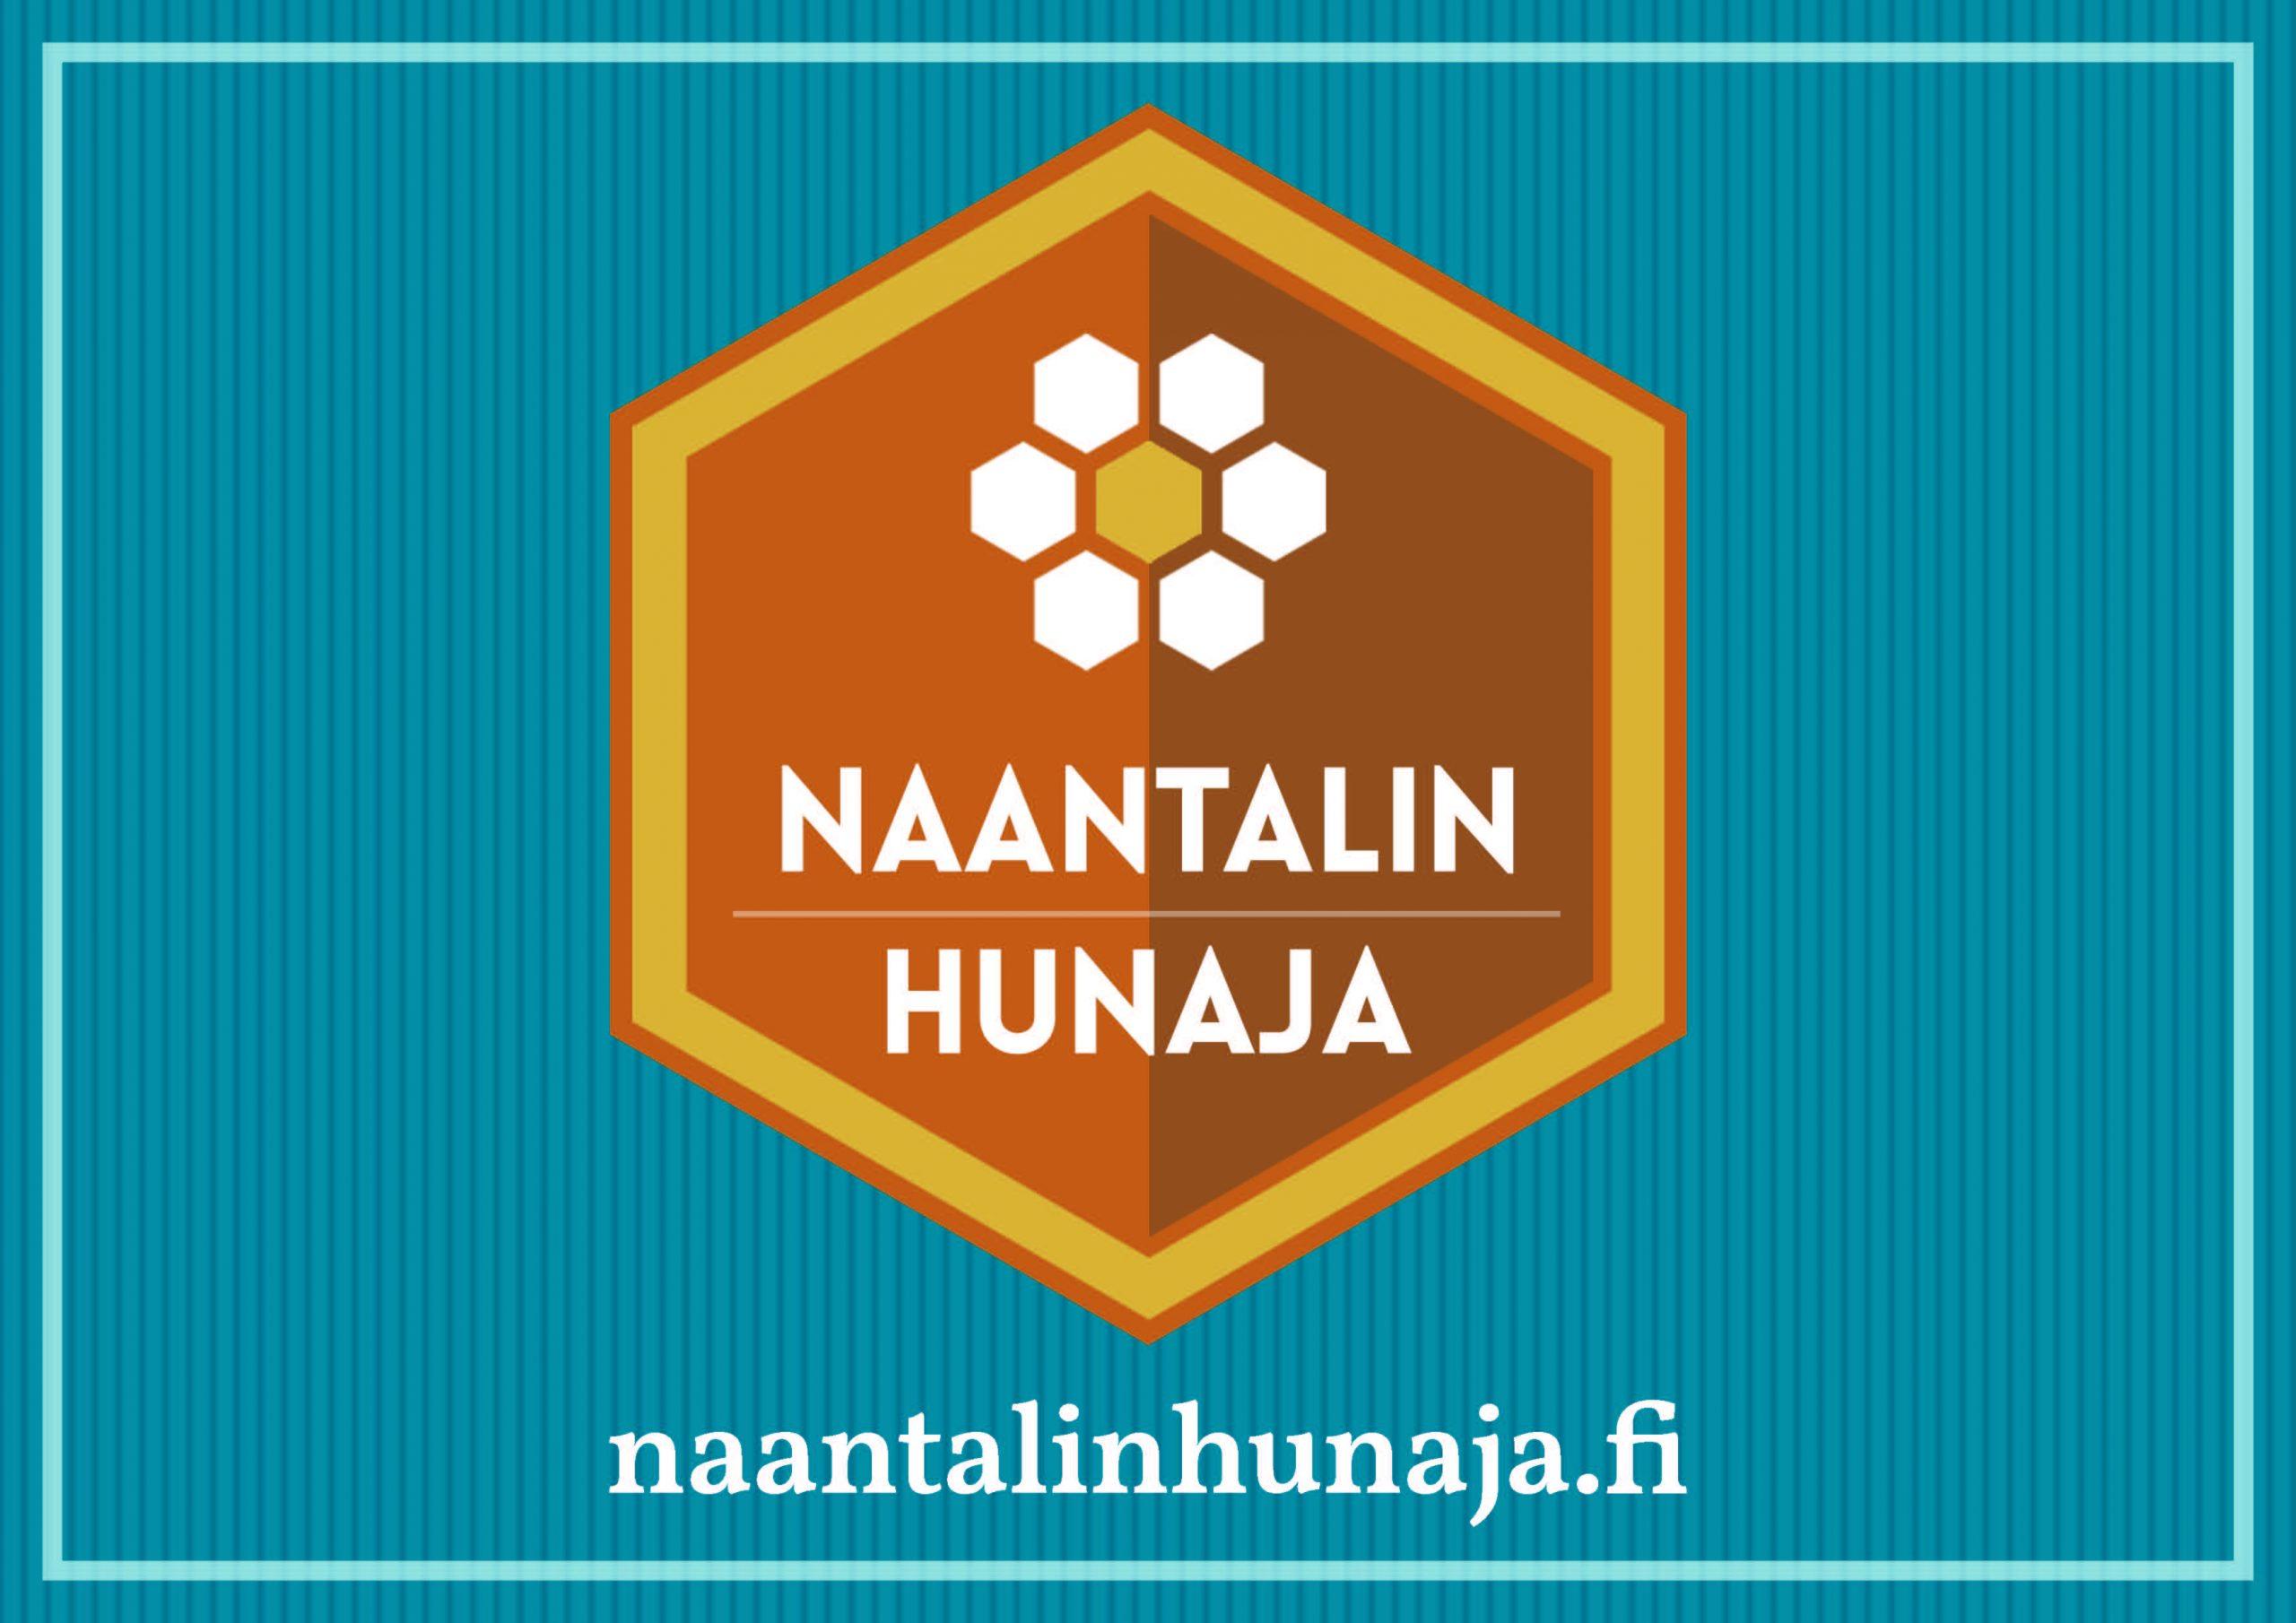 NAANTALIN HUNAJA